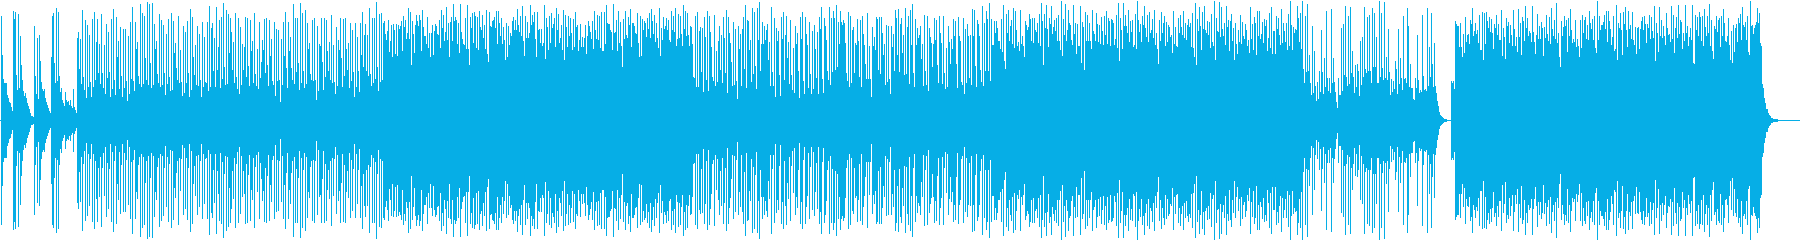 和風/和楽器(三味線・琴・太鼓)/B6の再生済みの波形